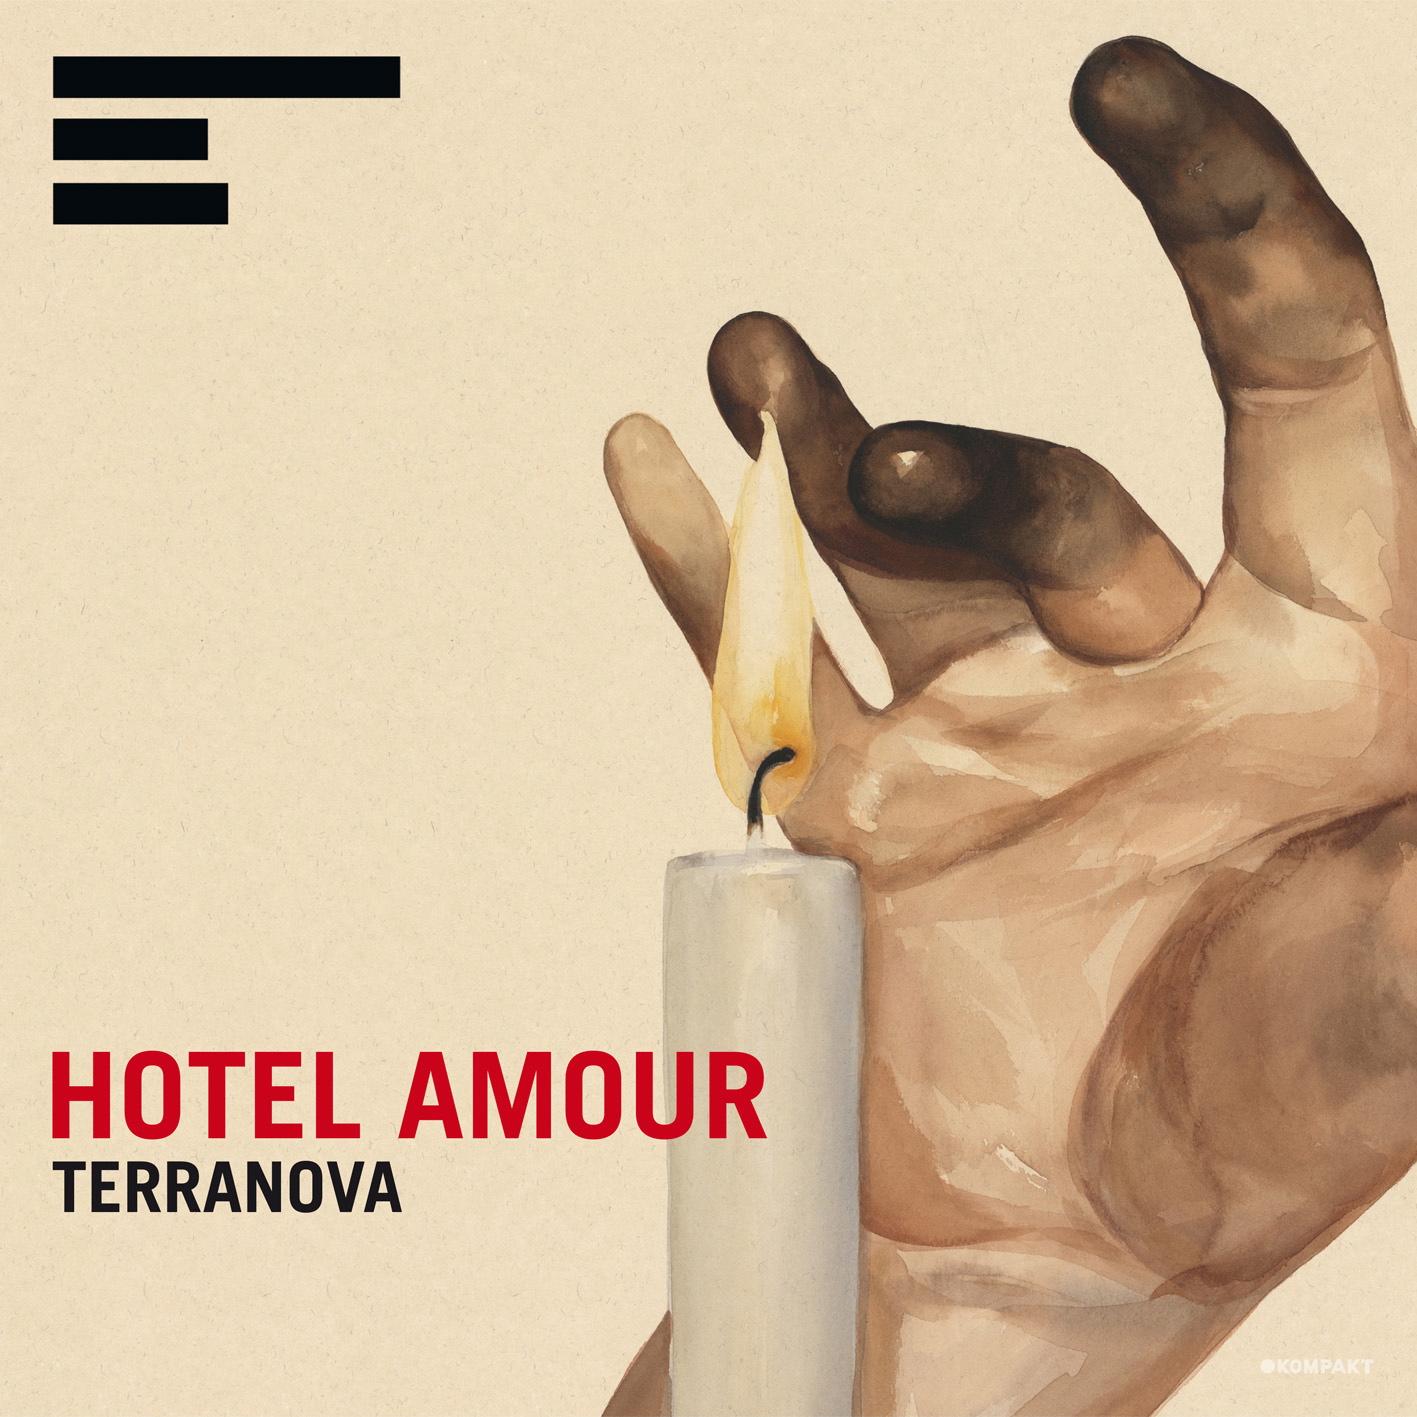 Terranova - Hotel Amour